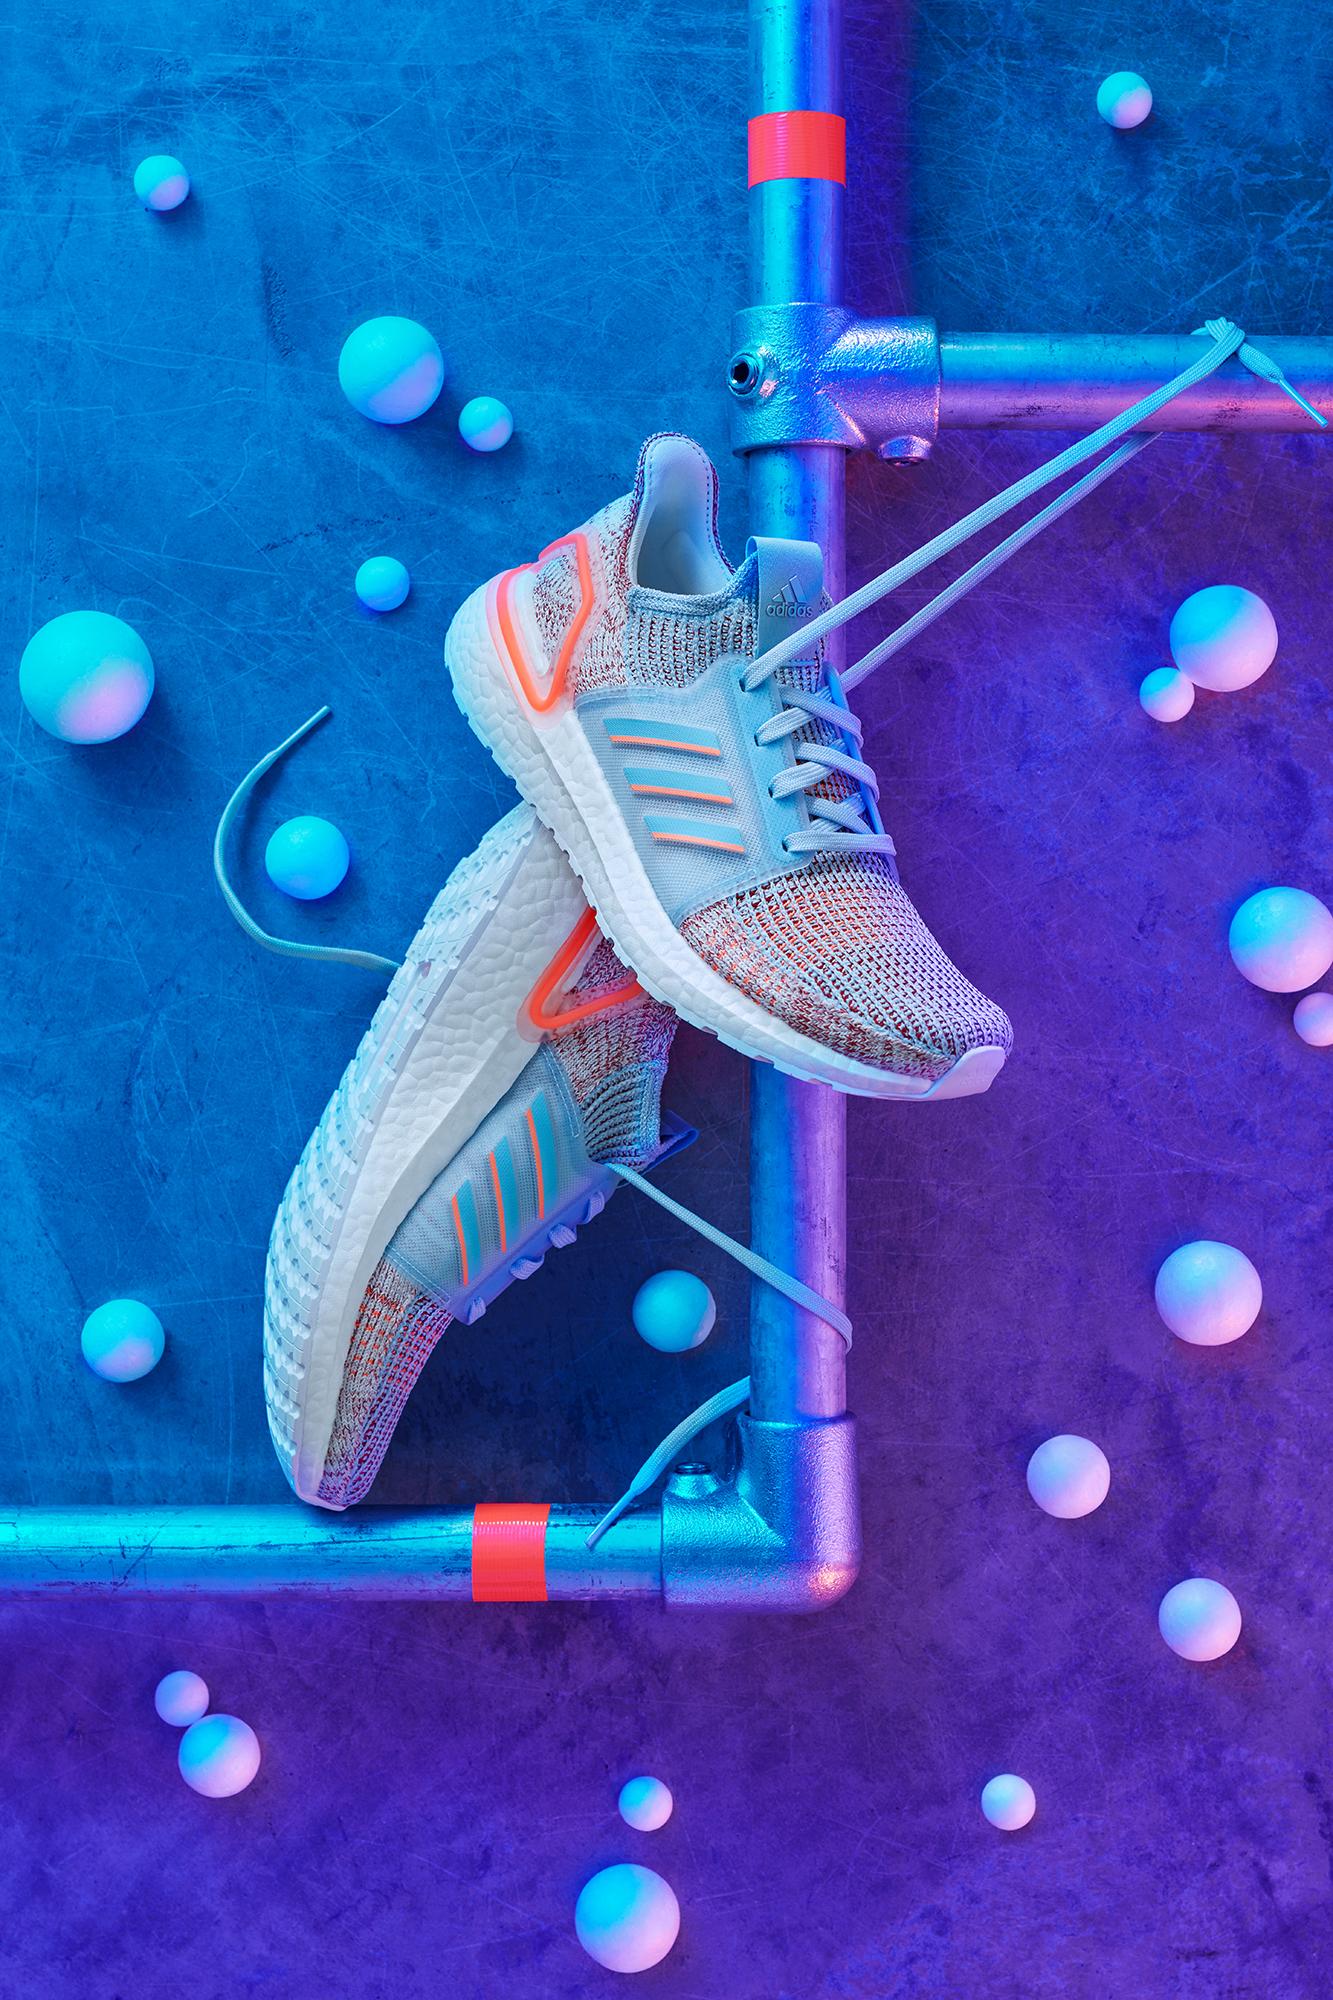 20190711_WIT_Adidas_Shot_1_V2.jpg